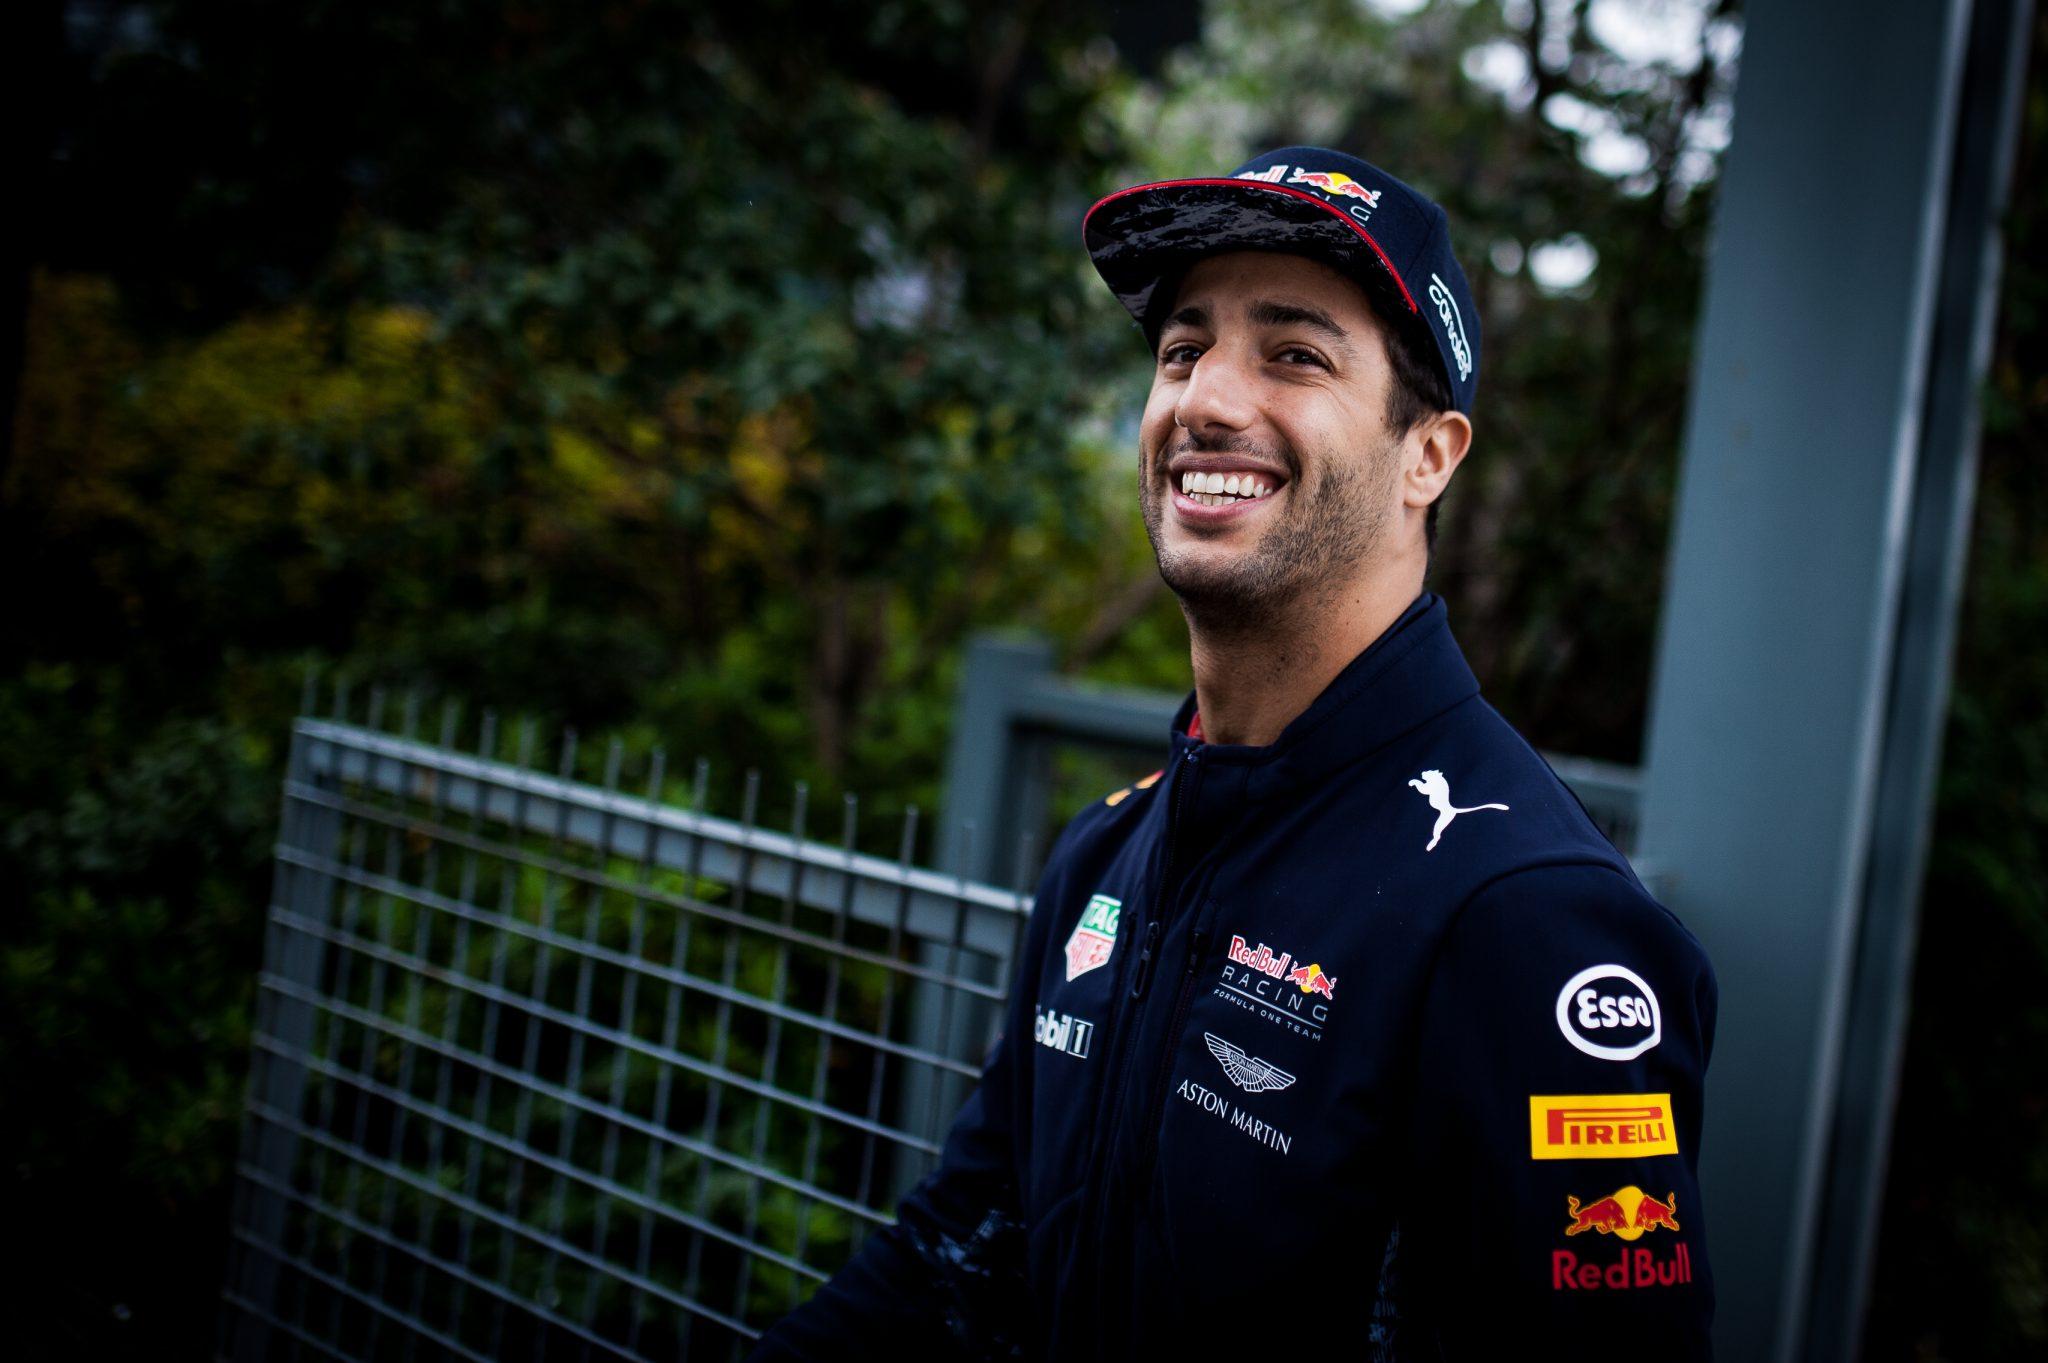 Daniel Ricciardo, Formule 1 coureur bij Red Bull Racing